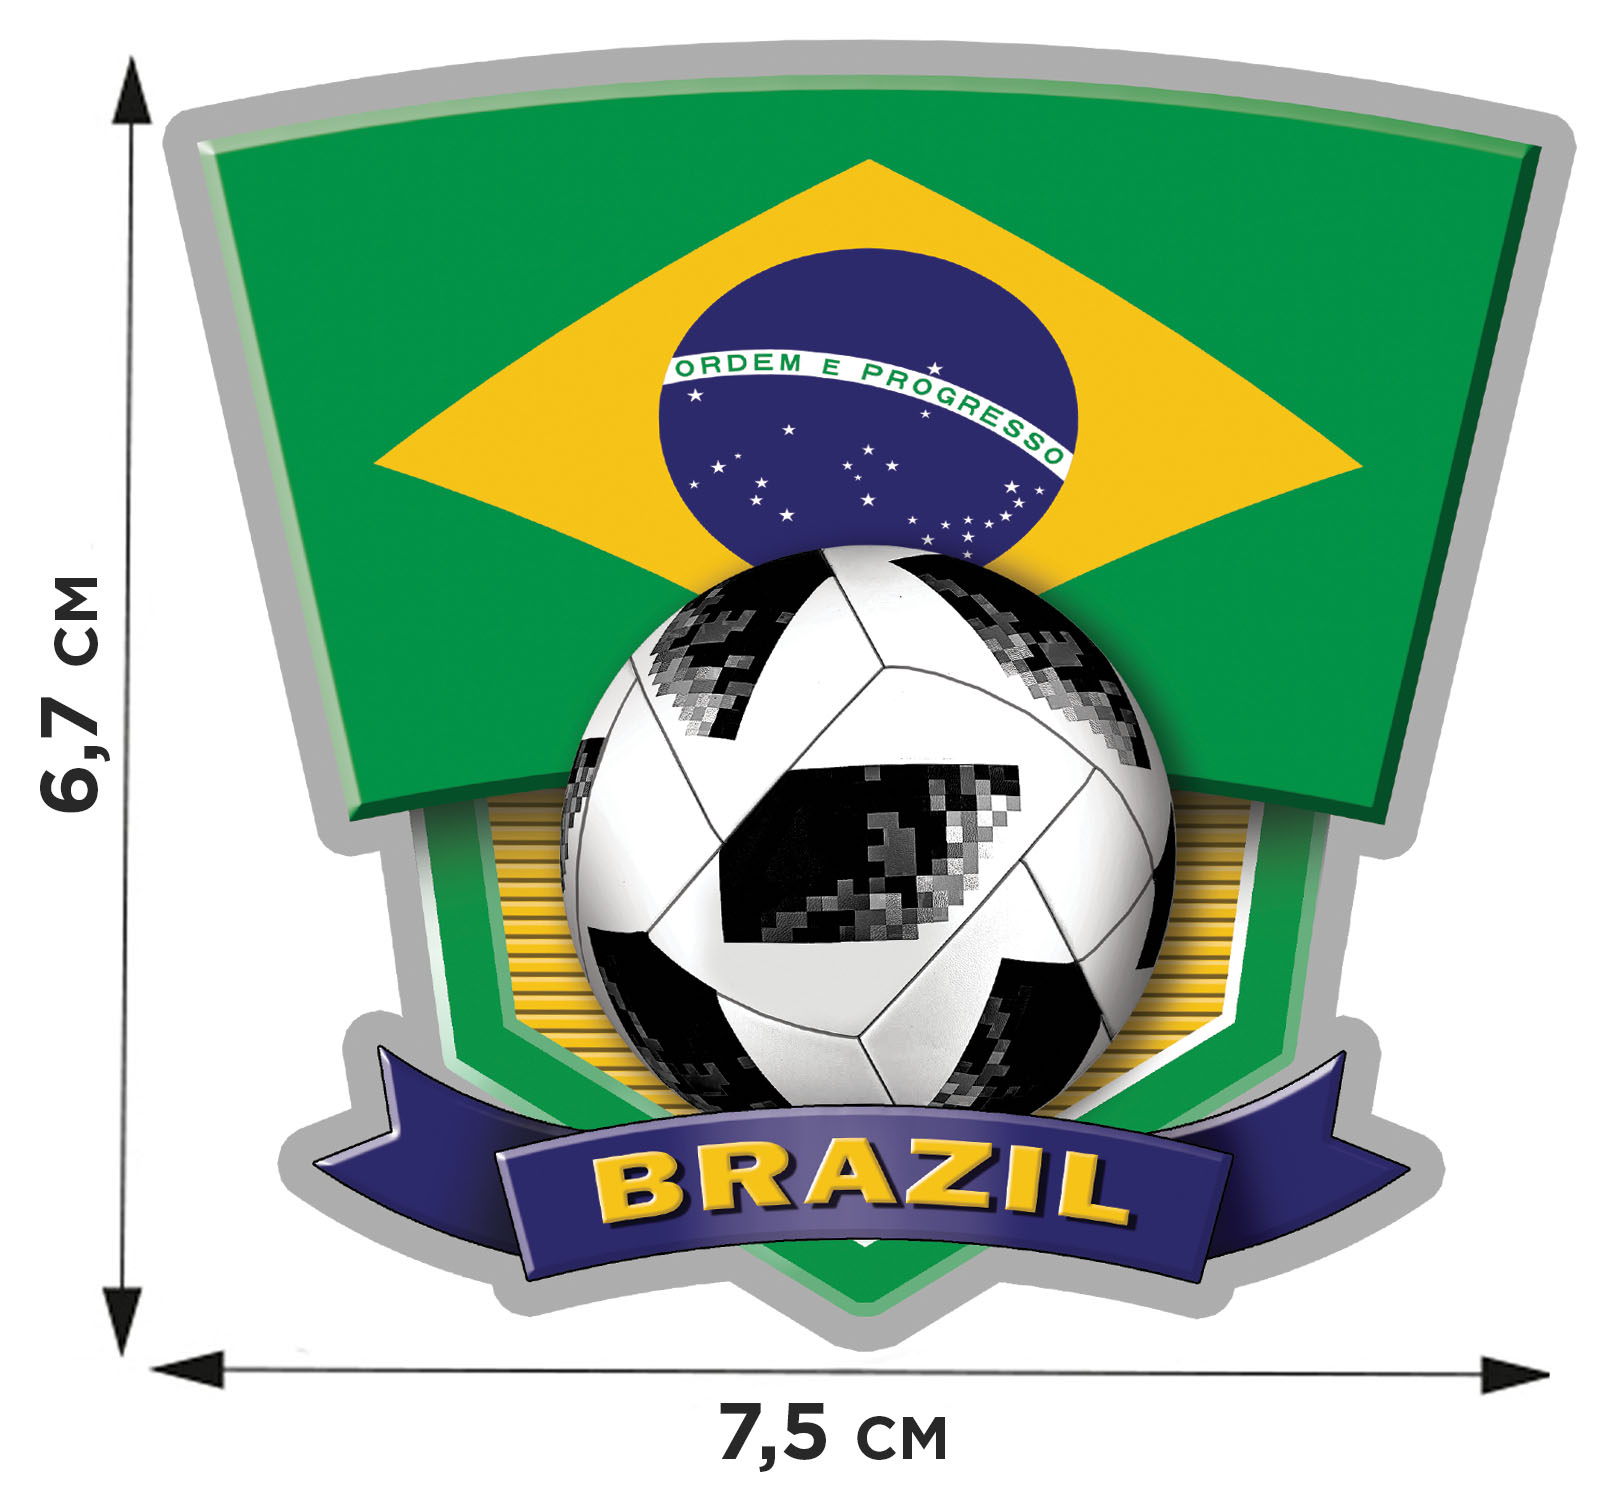 Термонаклейка фаната Бразилии – подходит для любых тканей